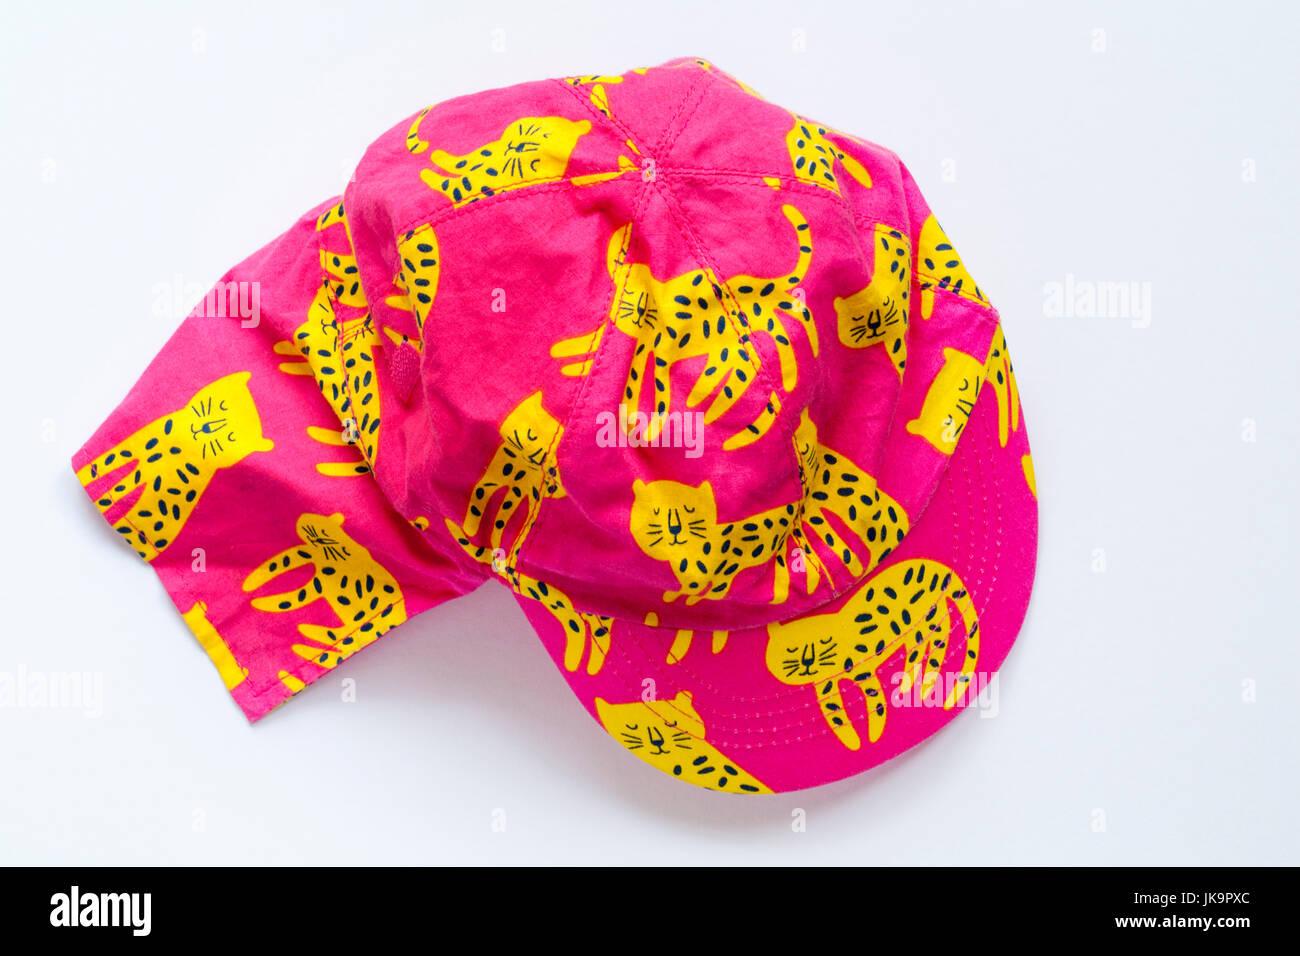 Los bebés rosa sombrero para el sol amarillo con diseño de gatos de M S  aislado sobre 61c5e0cf577